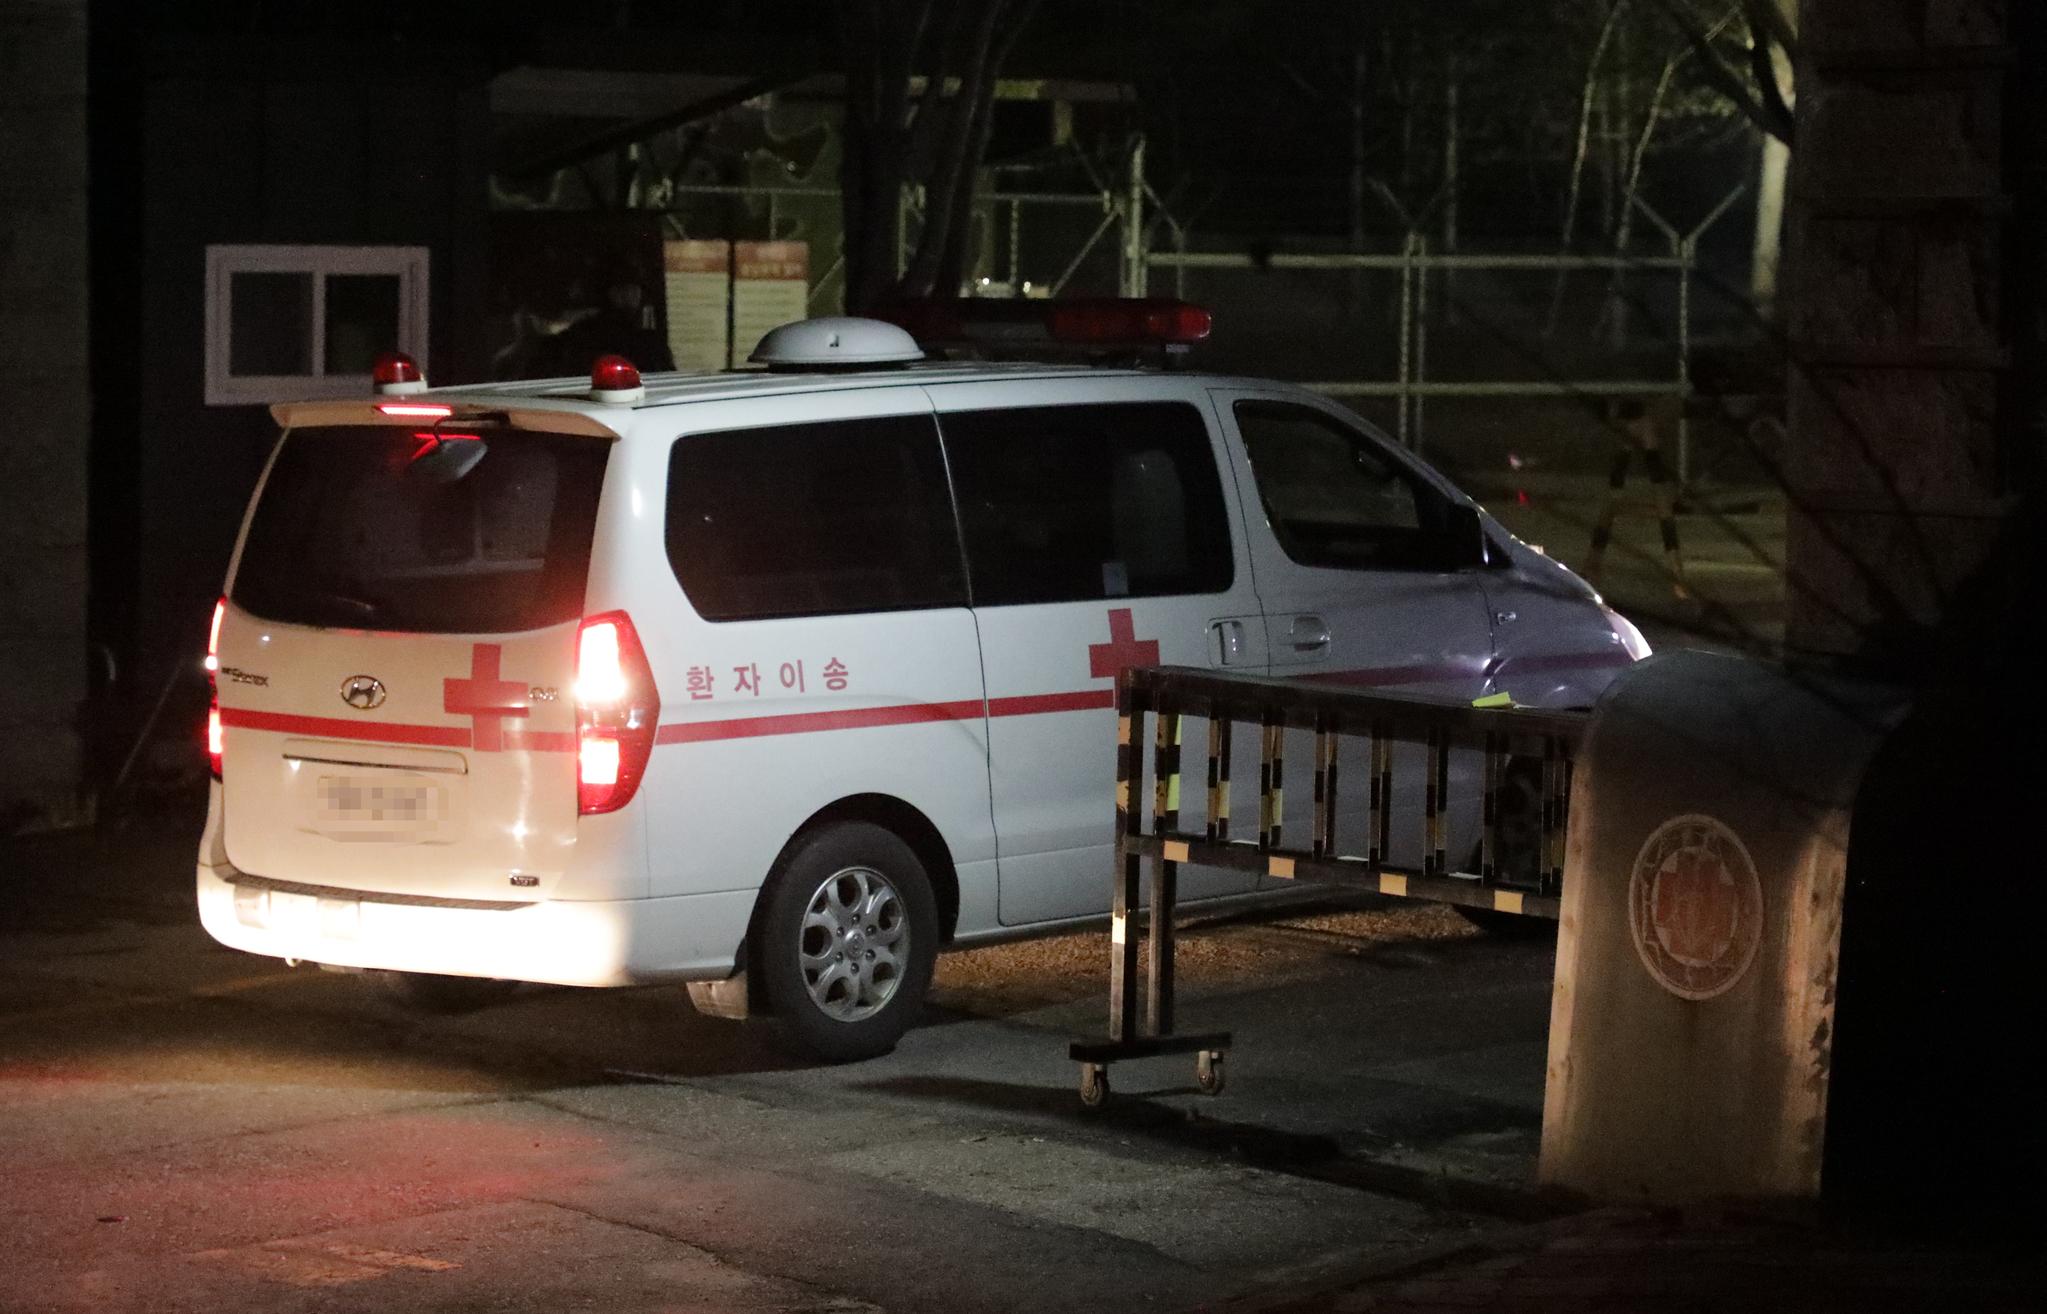 지난 16일 오후 5시쯤 강원 양구군 GP(감시초소) 내 화장실에서 머리에 총상 사고로 숨진 김모 일병이 홍천국군병원으로 후송되고 있다. [뉴스1]